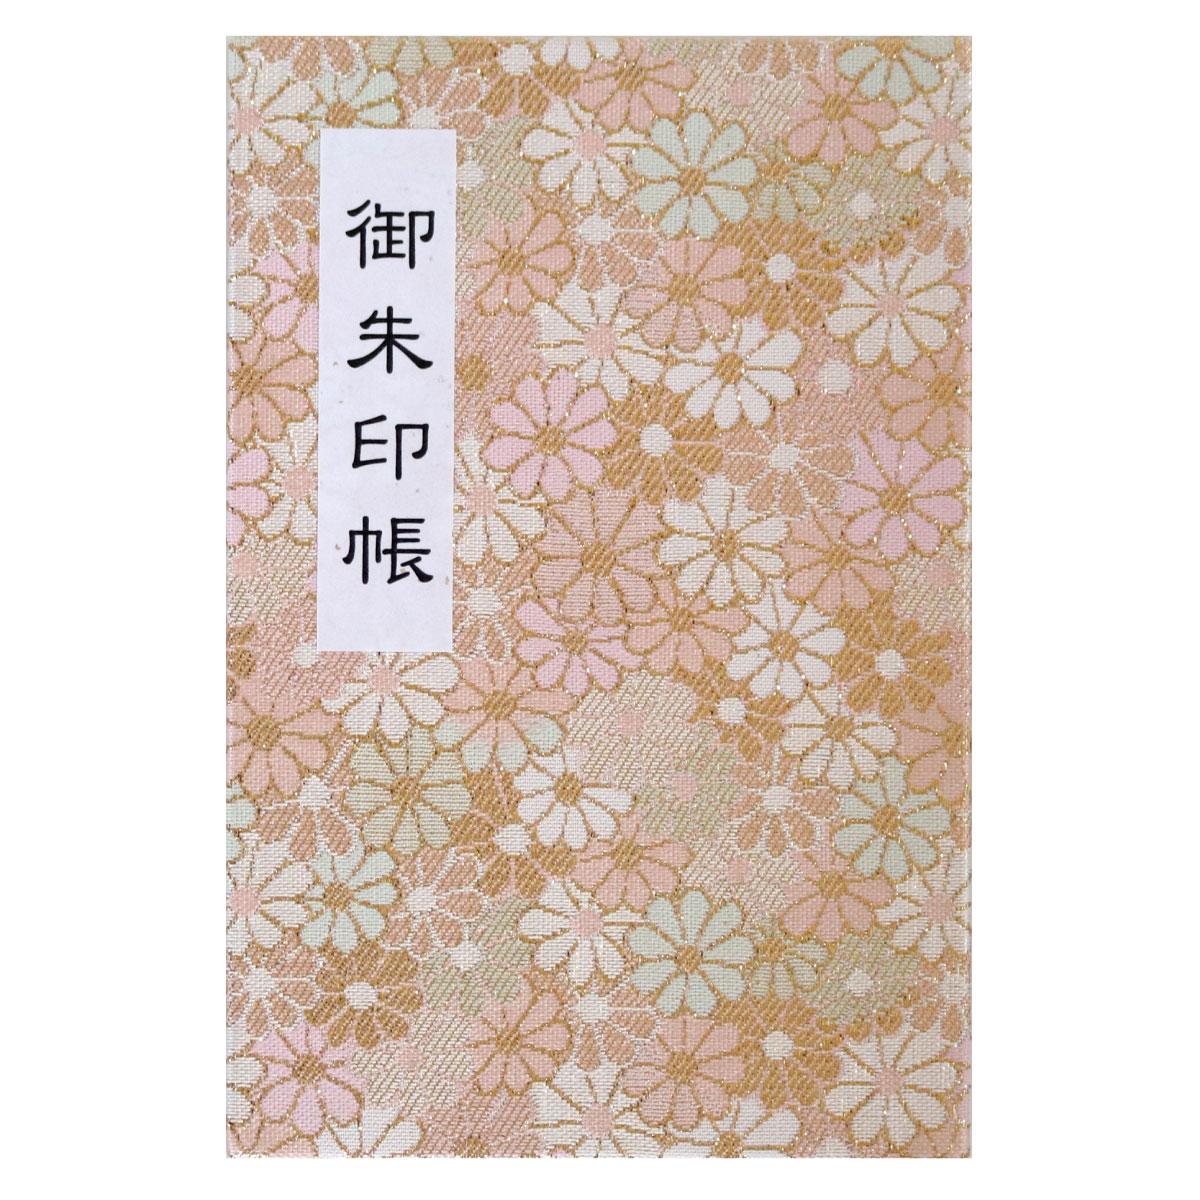 御朱印帳蛇腹式46ページ大判サイズ菊模様